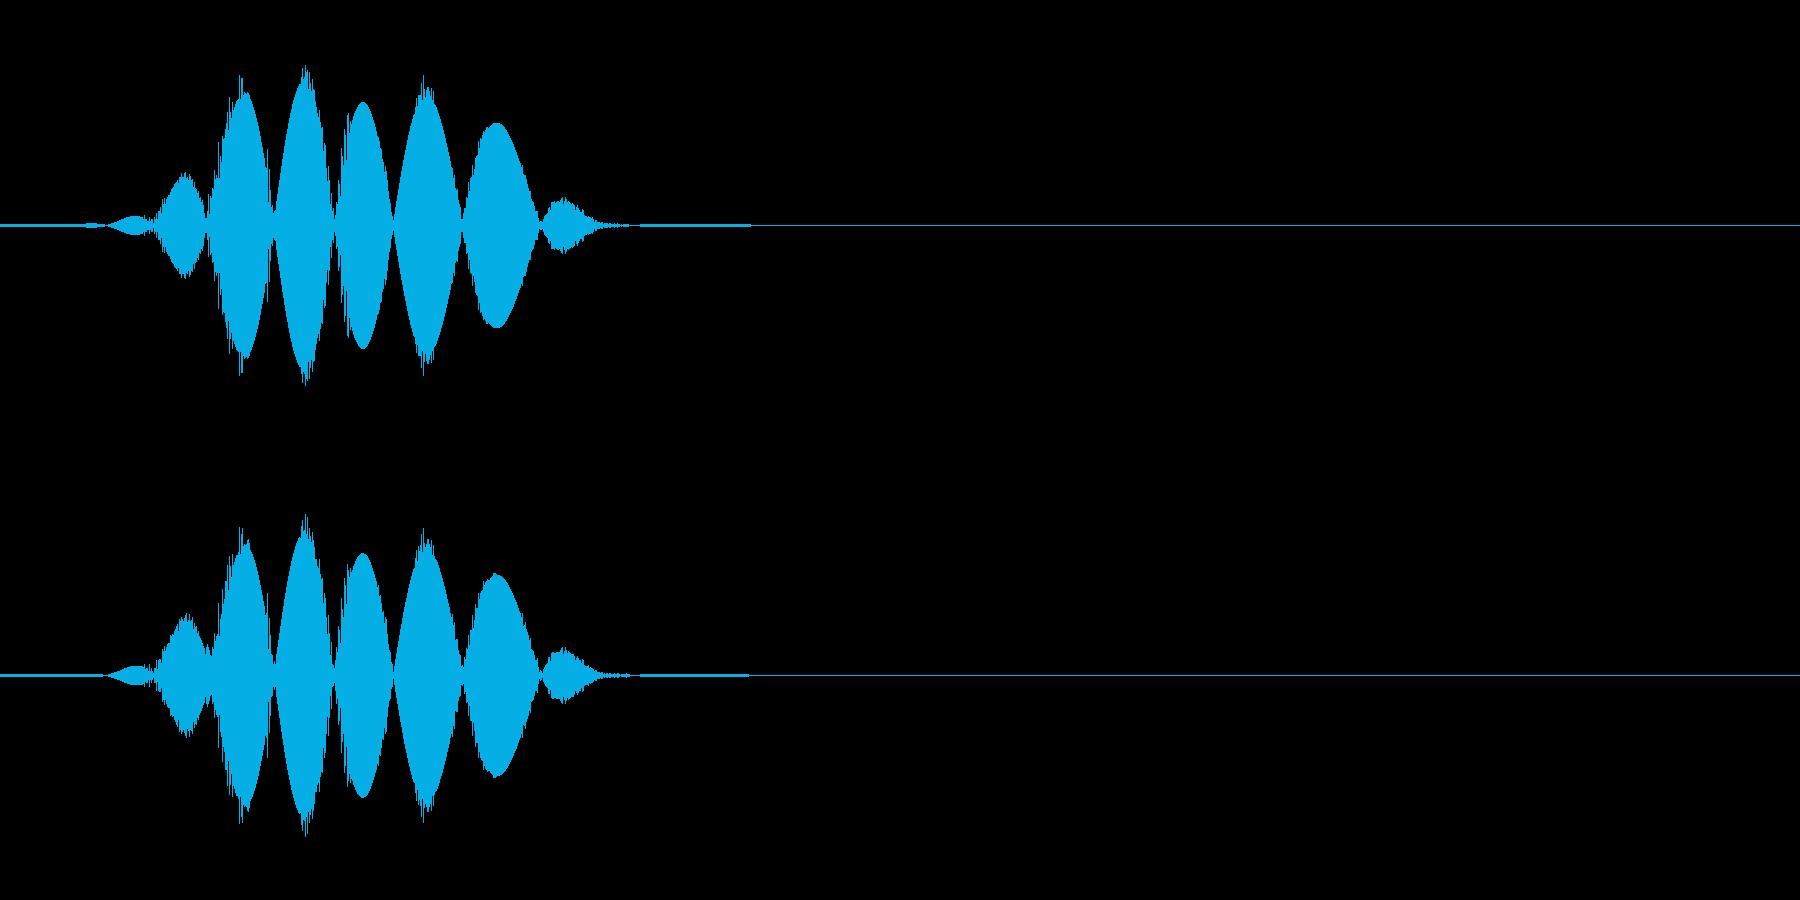 軽く殴る乾いた音の効果音の再生済みの波形